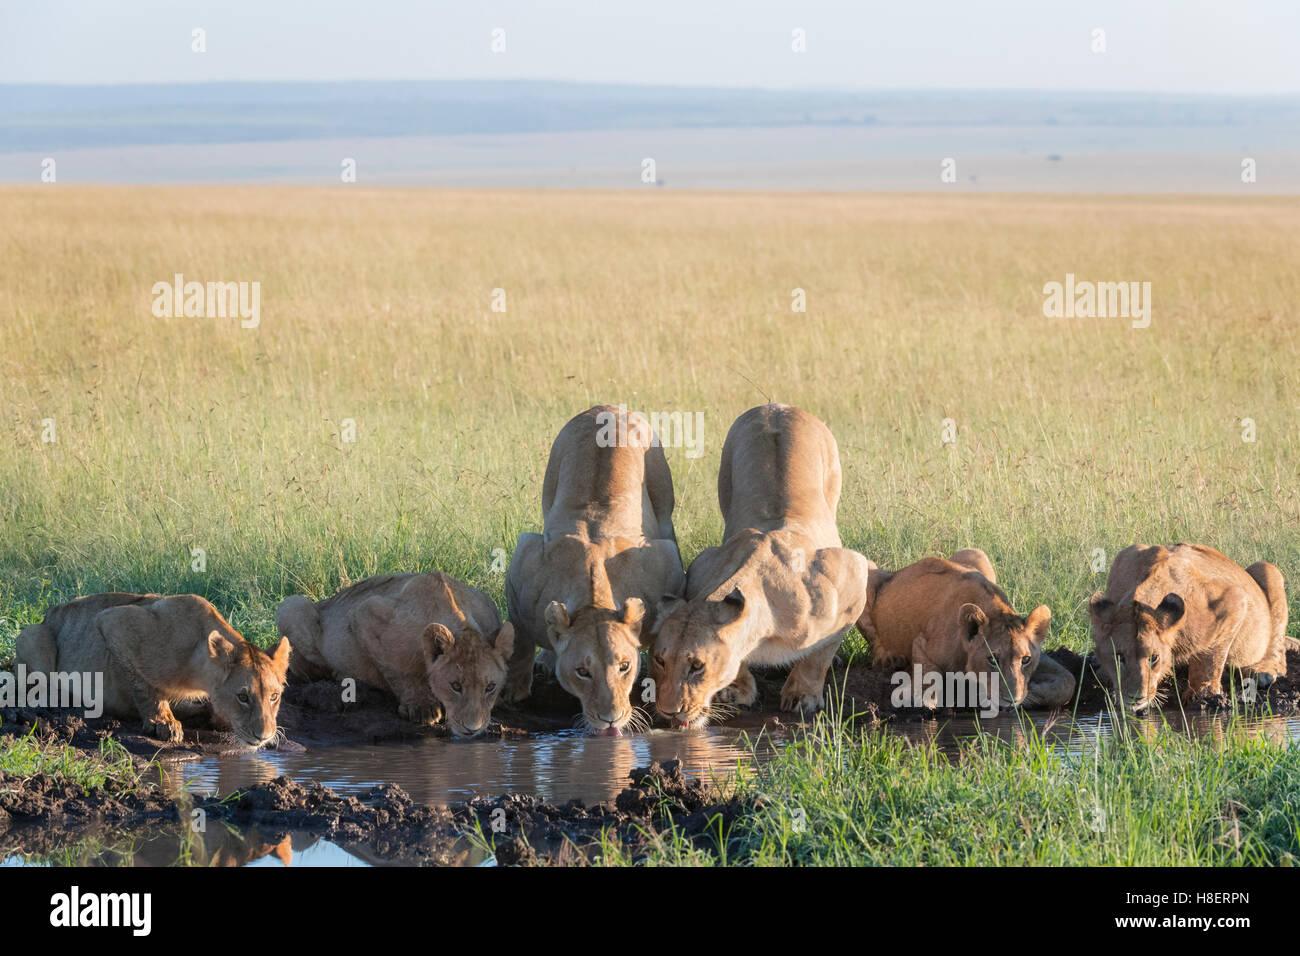 Lion (Panthera leo) fierté de boire à un point d'eau dans le Masai Mara National Reserve, Kenya Banque D'Images